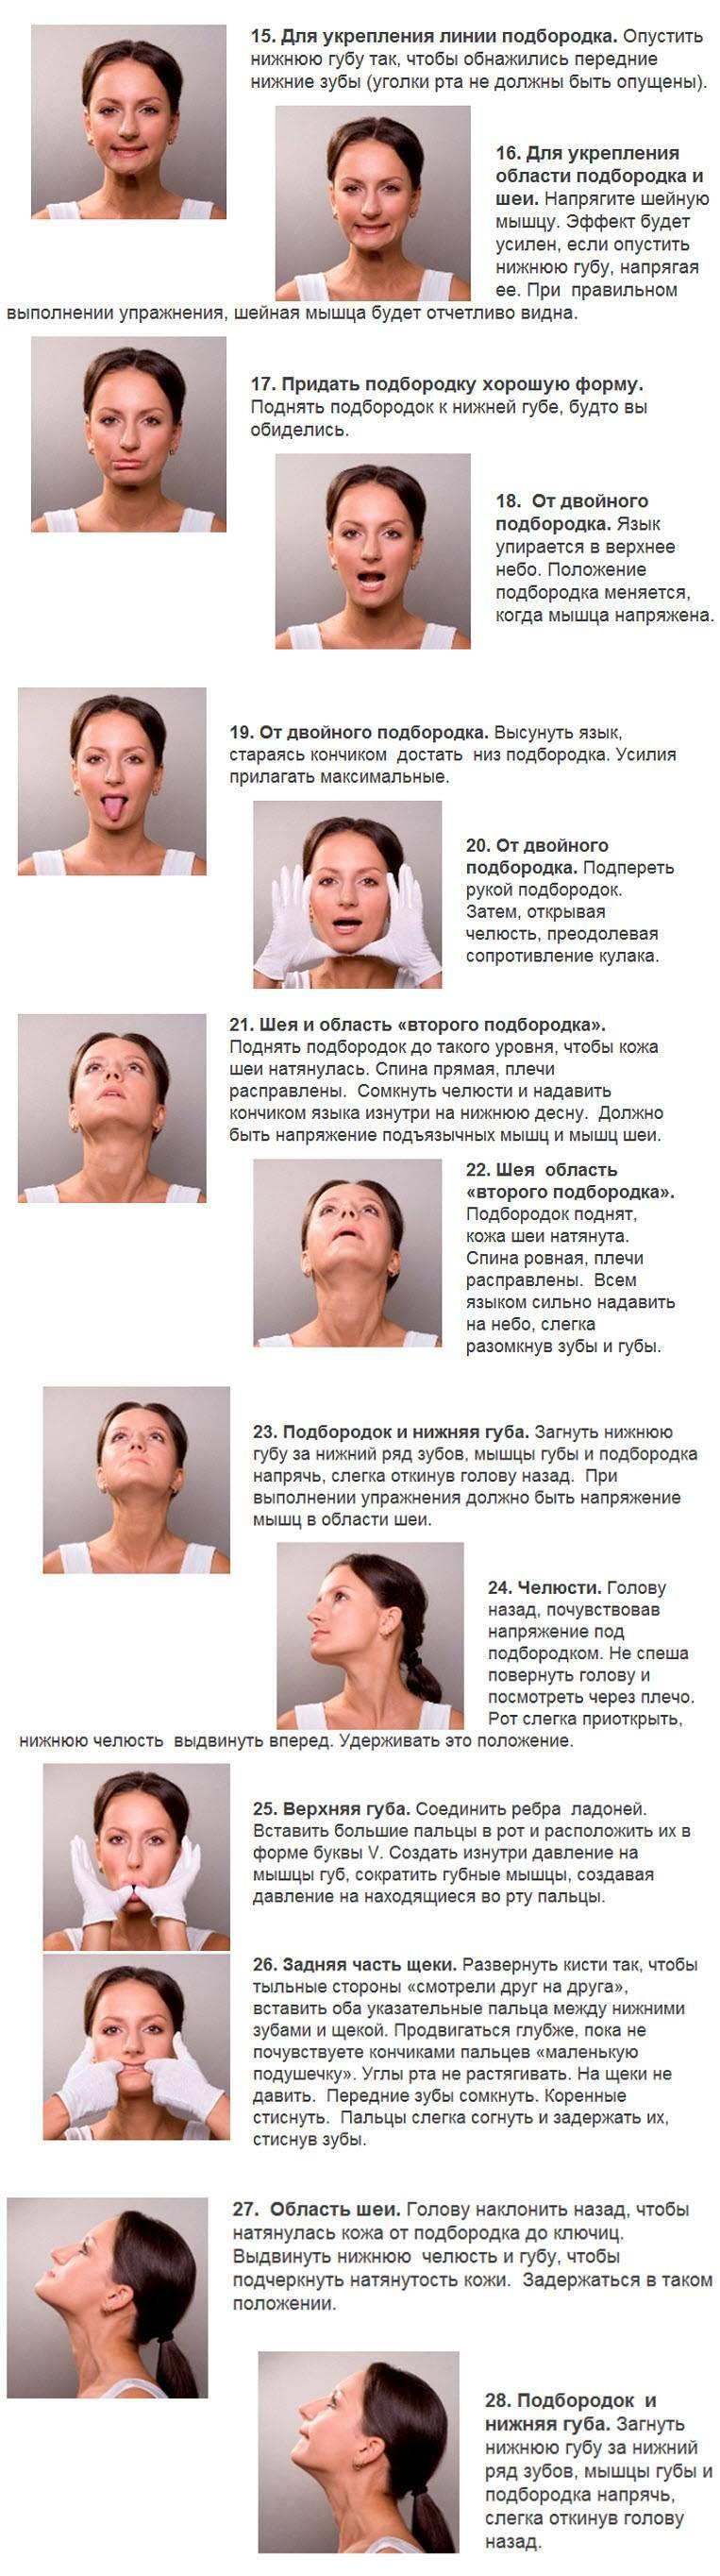 Фейсбилдинг для лица. face building – короткое и самое эффективное упражнение с фото до и после